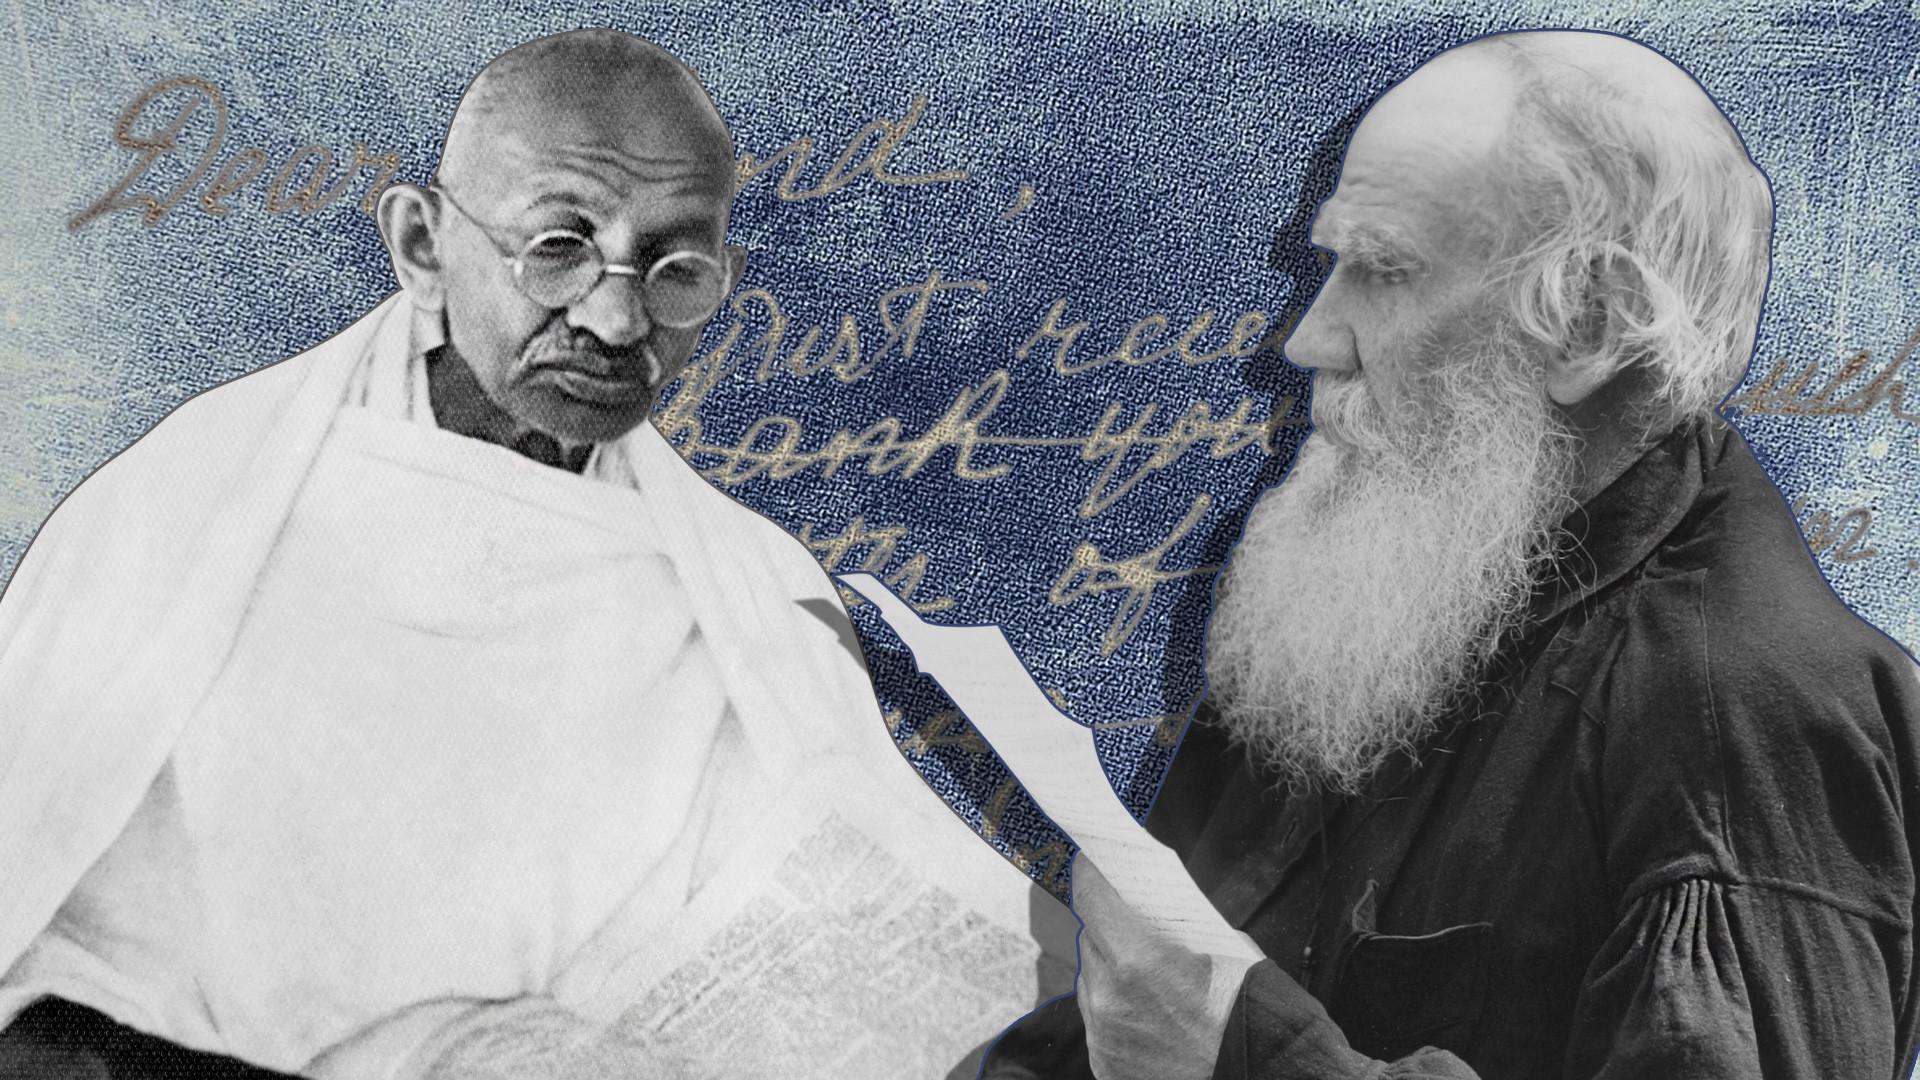 Pelajaran Yang Dipetik Mahatma Gandhi Dari Tolstoy Russia